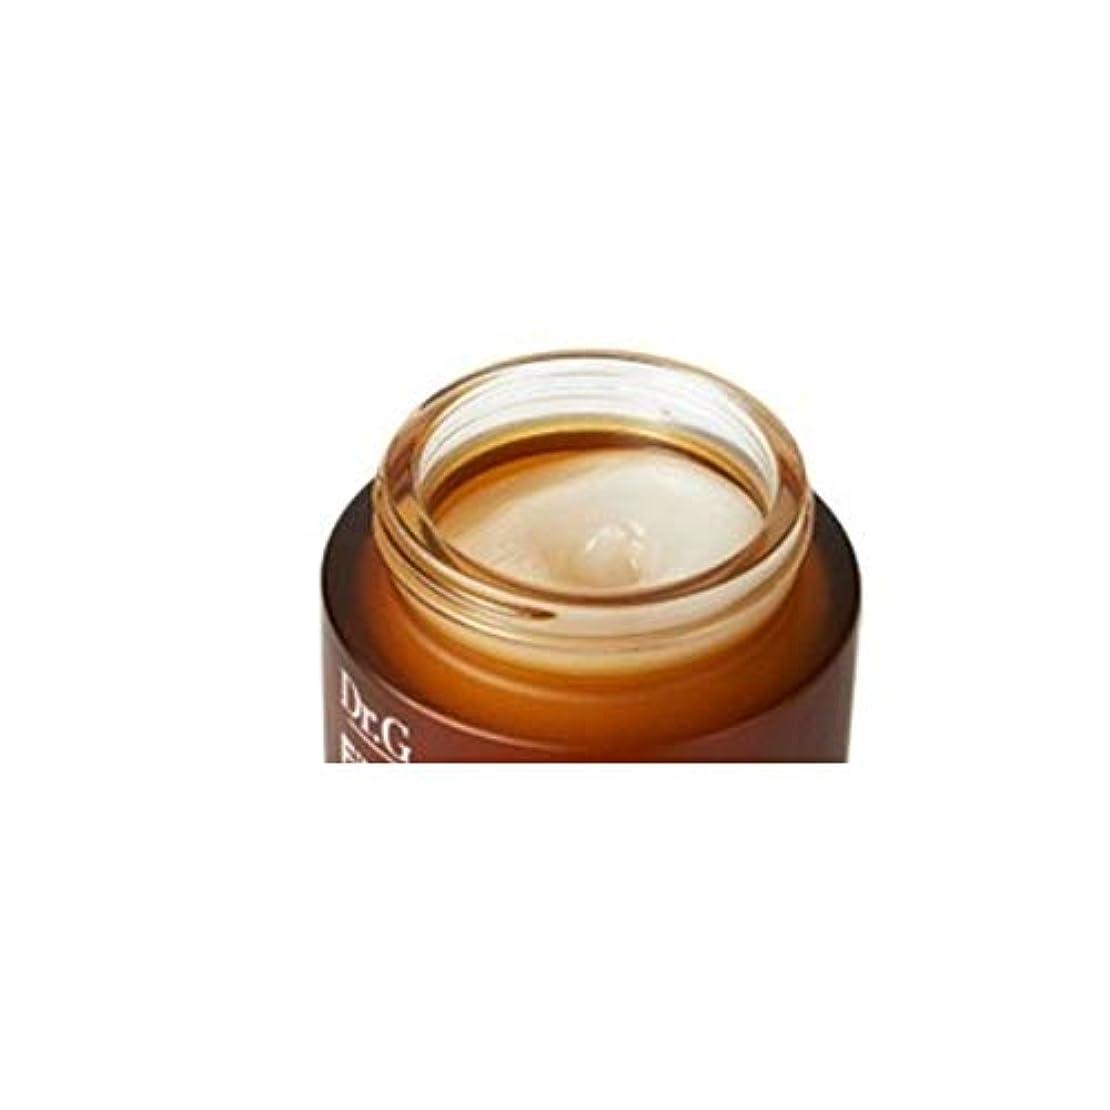 ページェント速記どれドクターGピラーグリーンバリアBalm 50mlx2本セット お肌の保湿 韓国コスメ、Dr.G Filagrin Barrier Balm 50ml x 2ea Set Korean Cosmetics [並行輸入品]